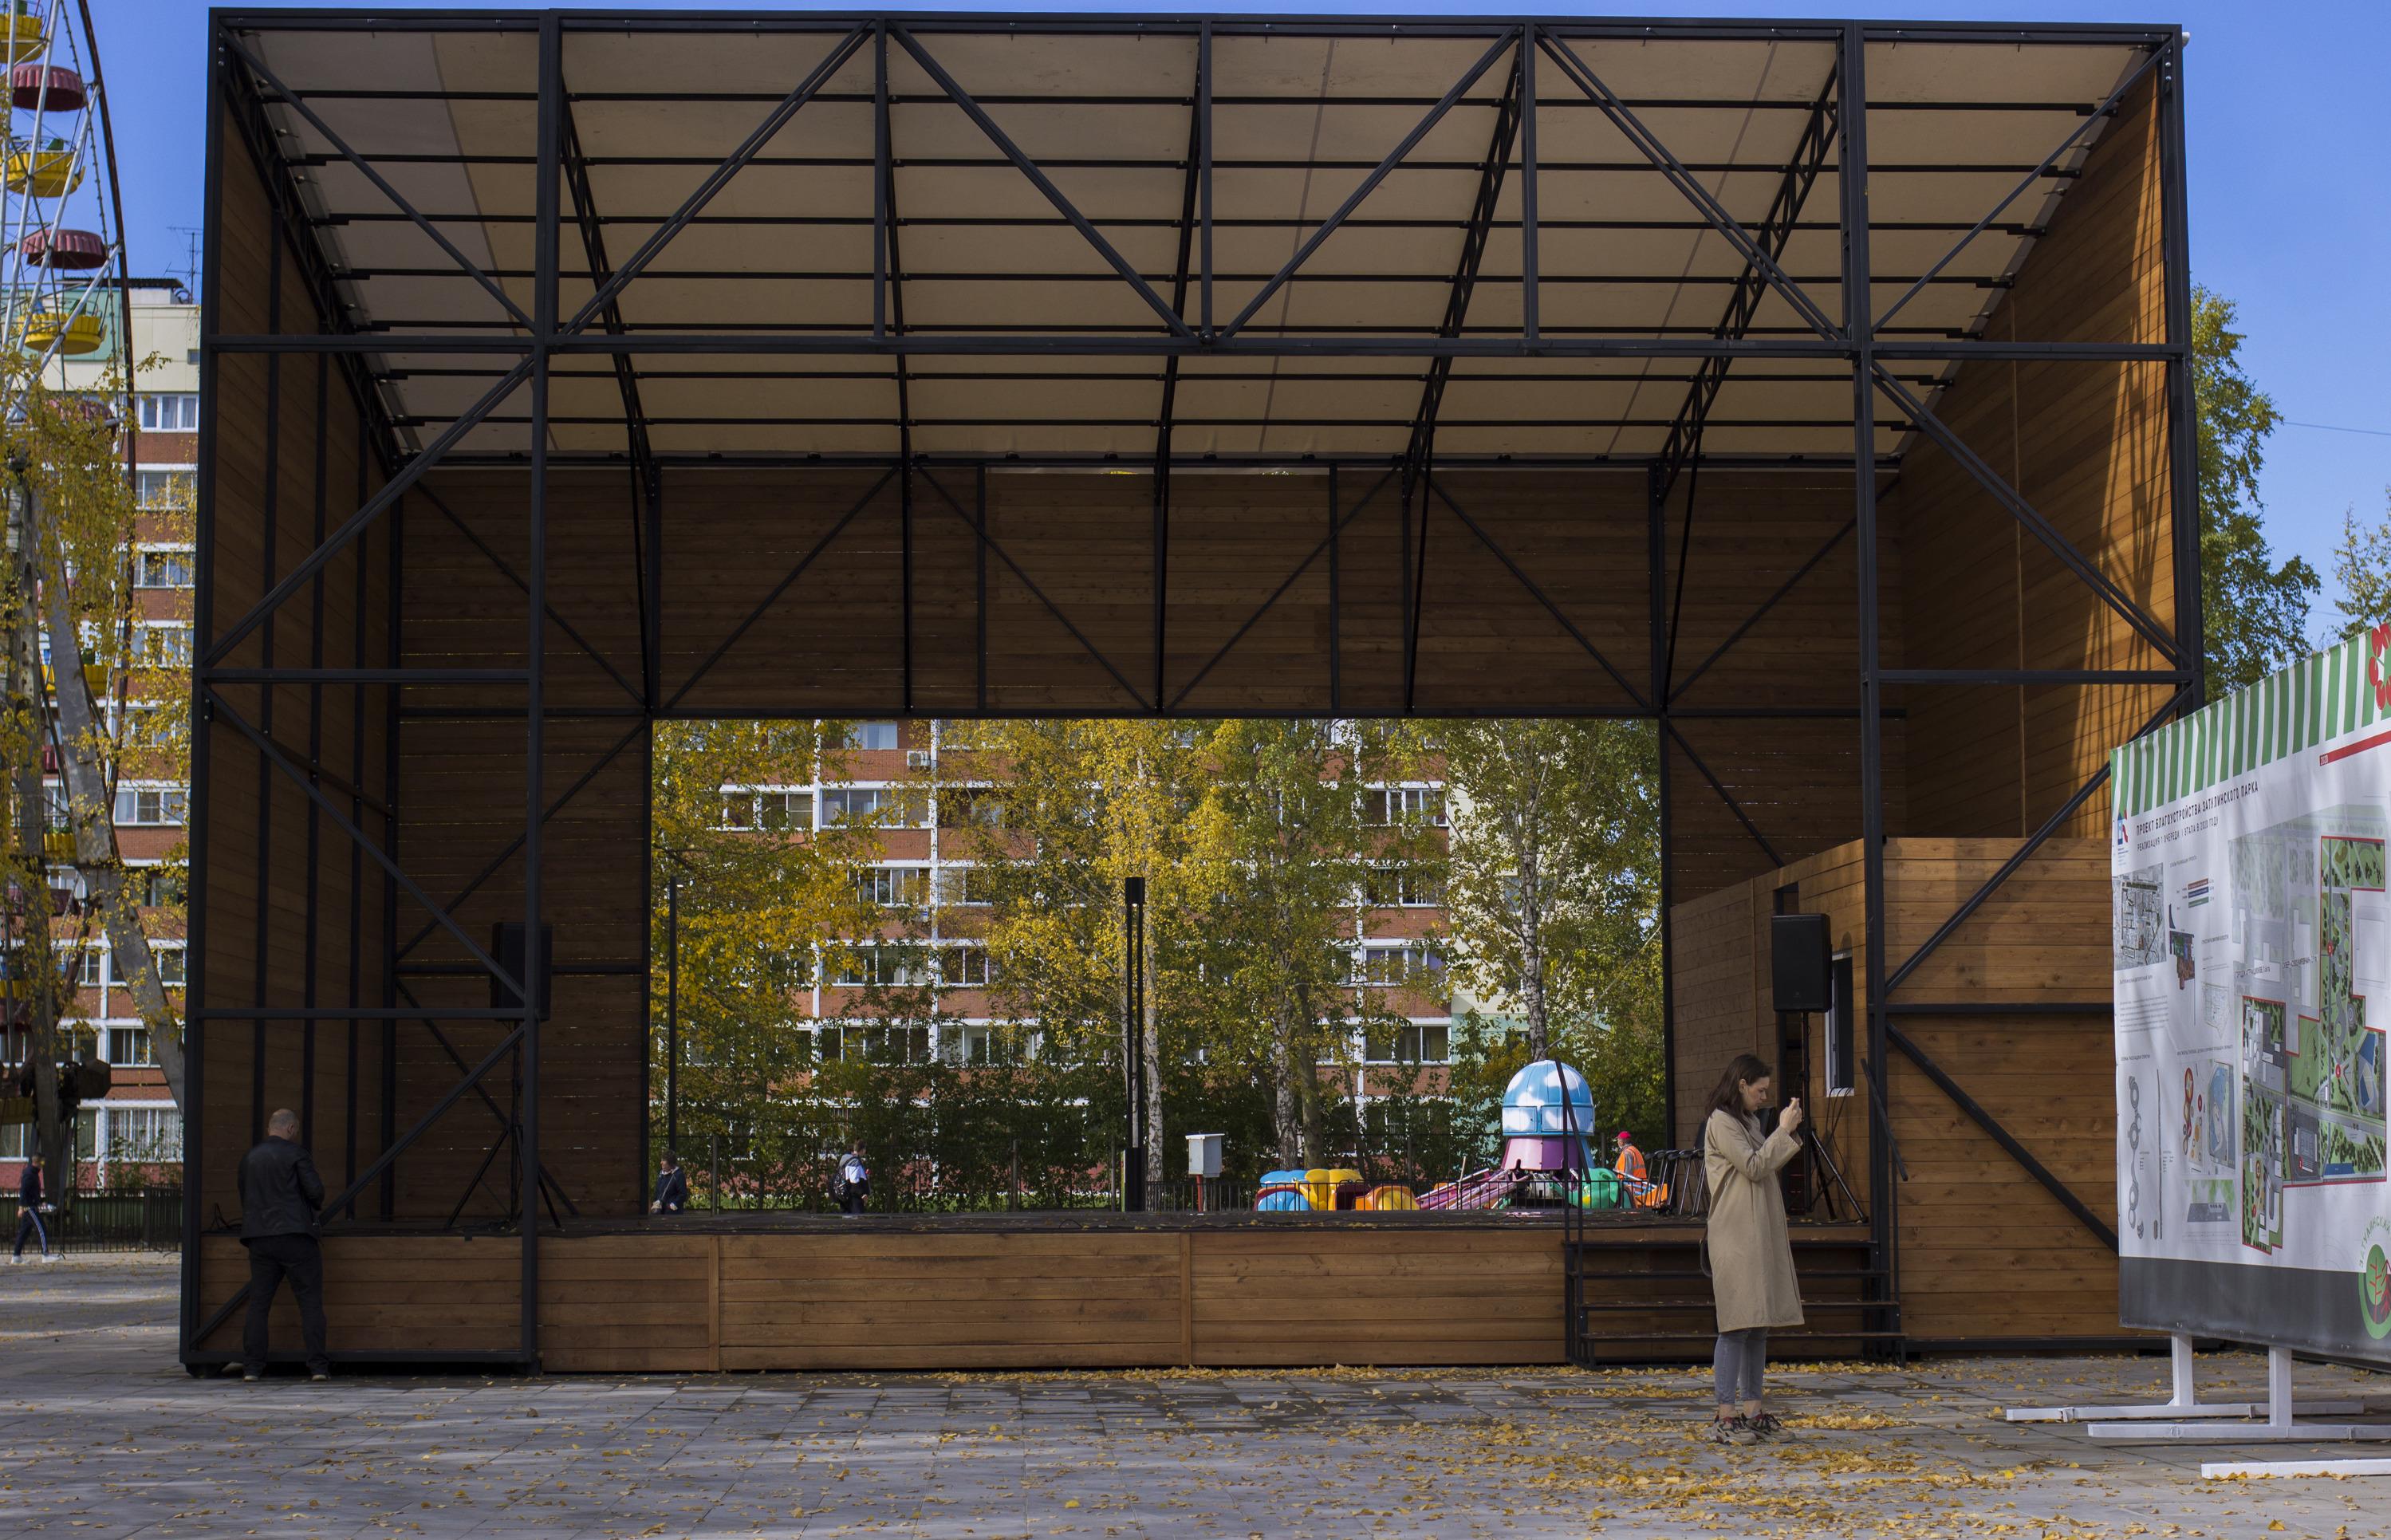 В парке появилась большая новая сцена, а также будка звукорежиссёра